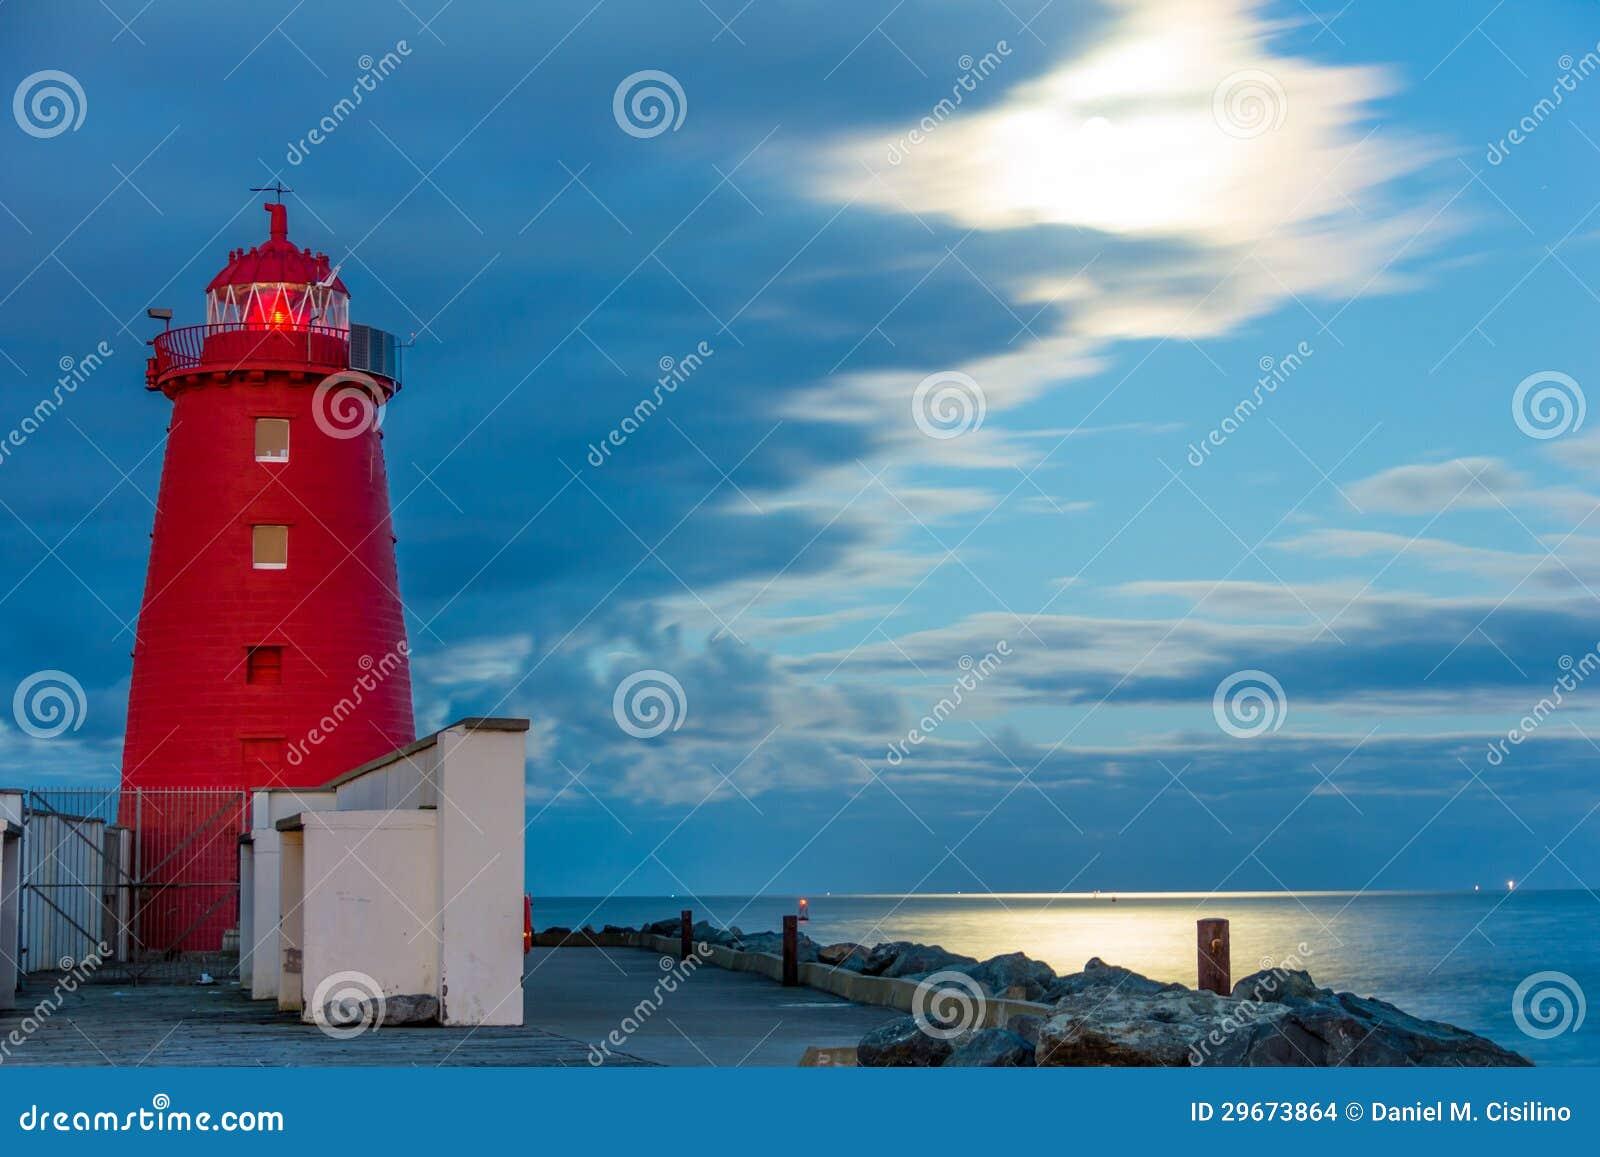 Poolbeg灯塔在晚上。 都伯林。 爱尔兰